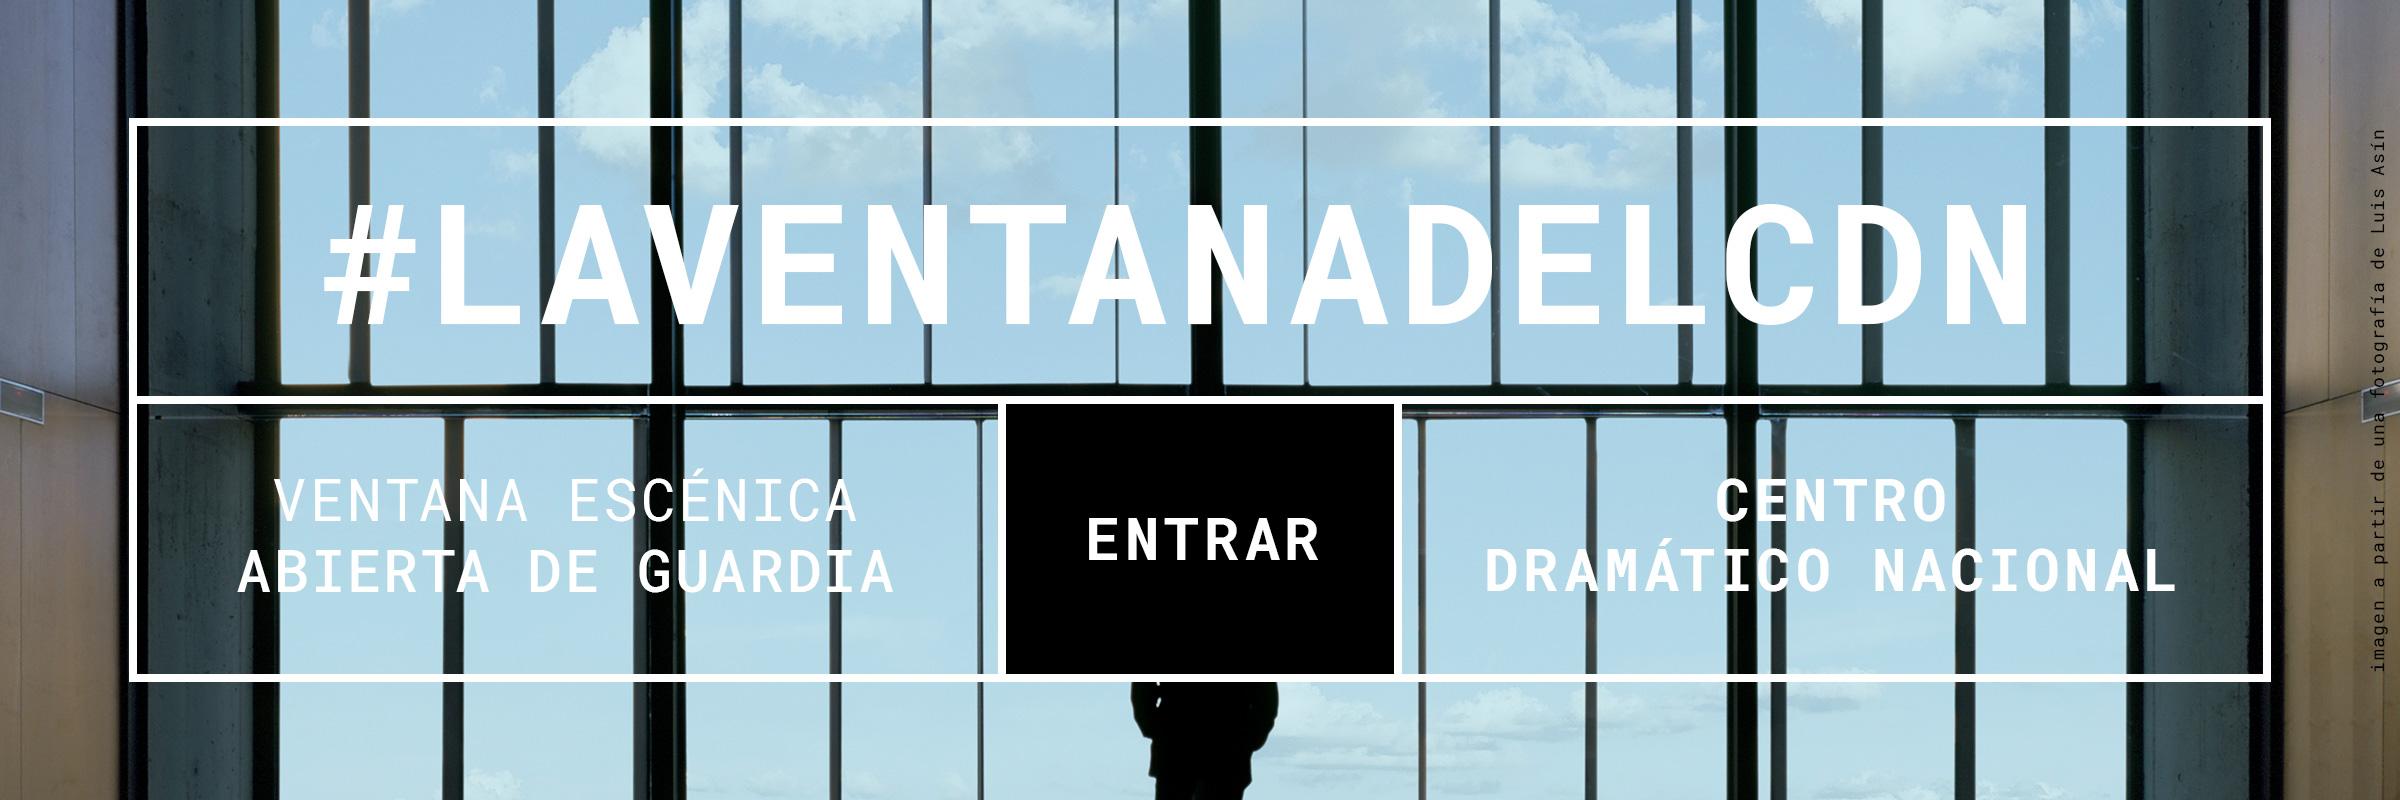 Centro Dramático Nacional - Ministerio de Cultura